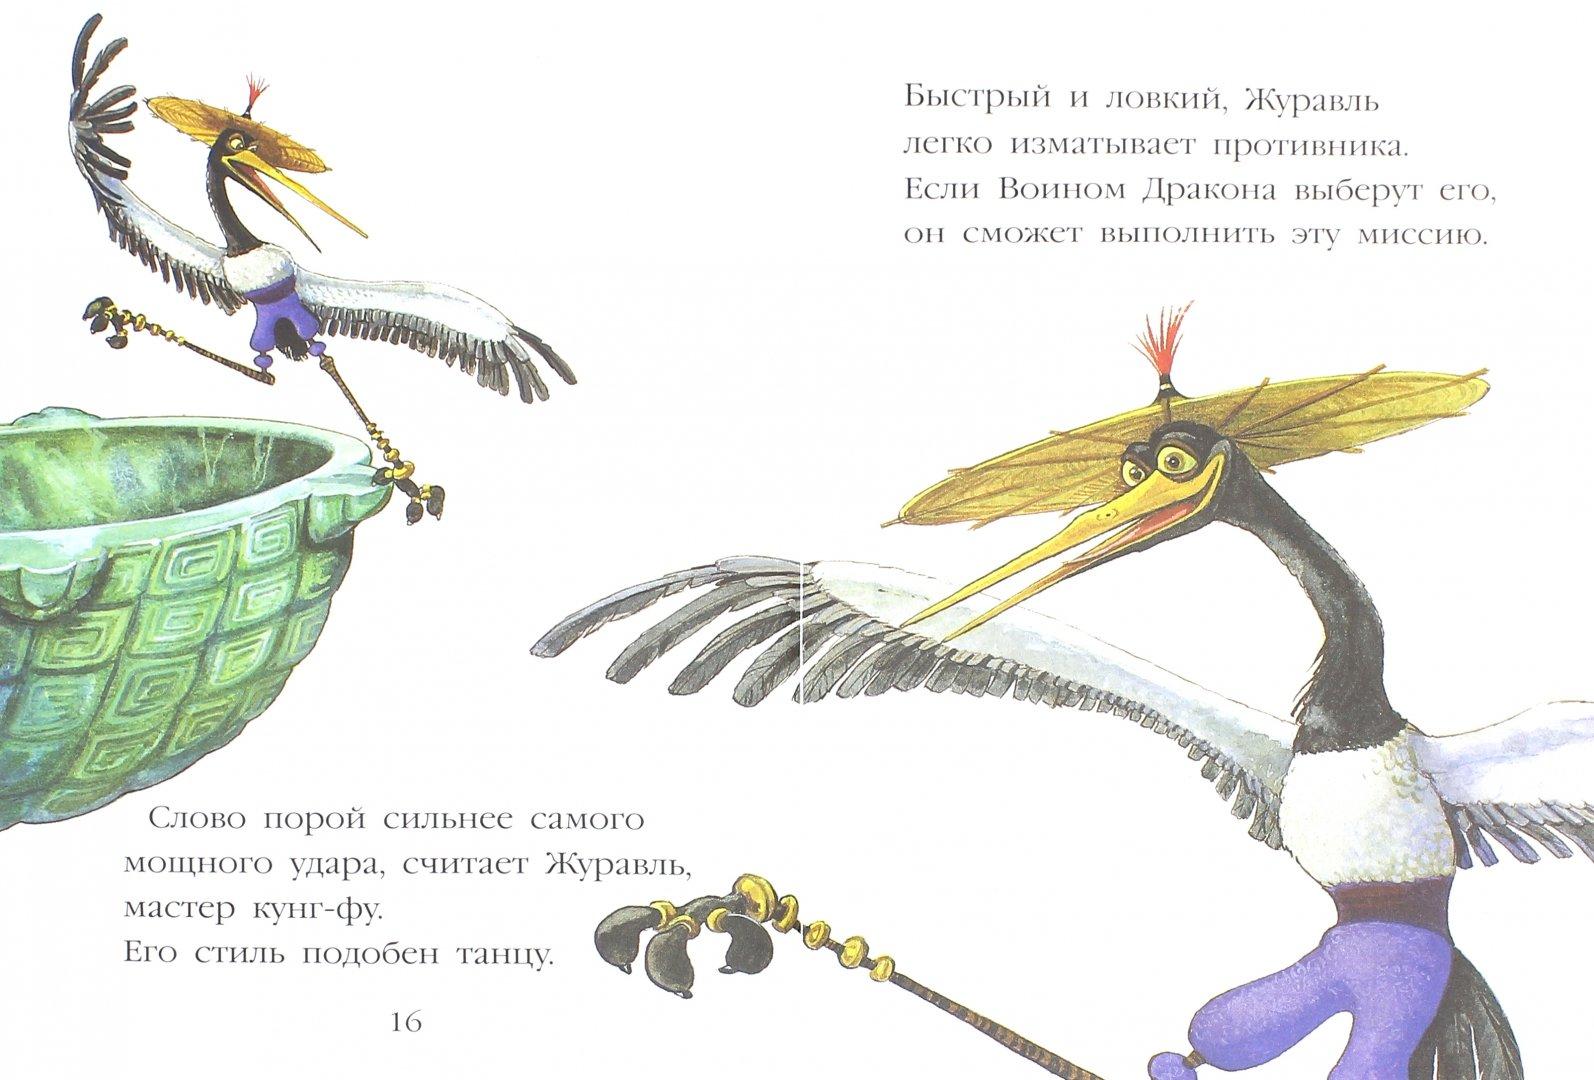 Иллюстрация 1 из 7 для Кунг-фу Панда: Встреча с Мастерами кунг-фу - Екатерина Хапка | Лабиринт - книги. Источник: Лабиринт